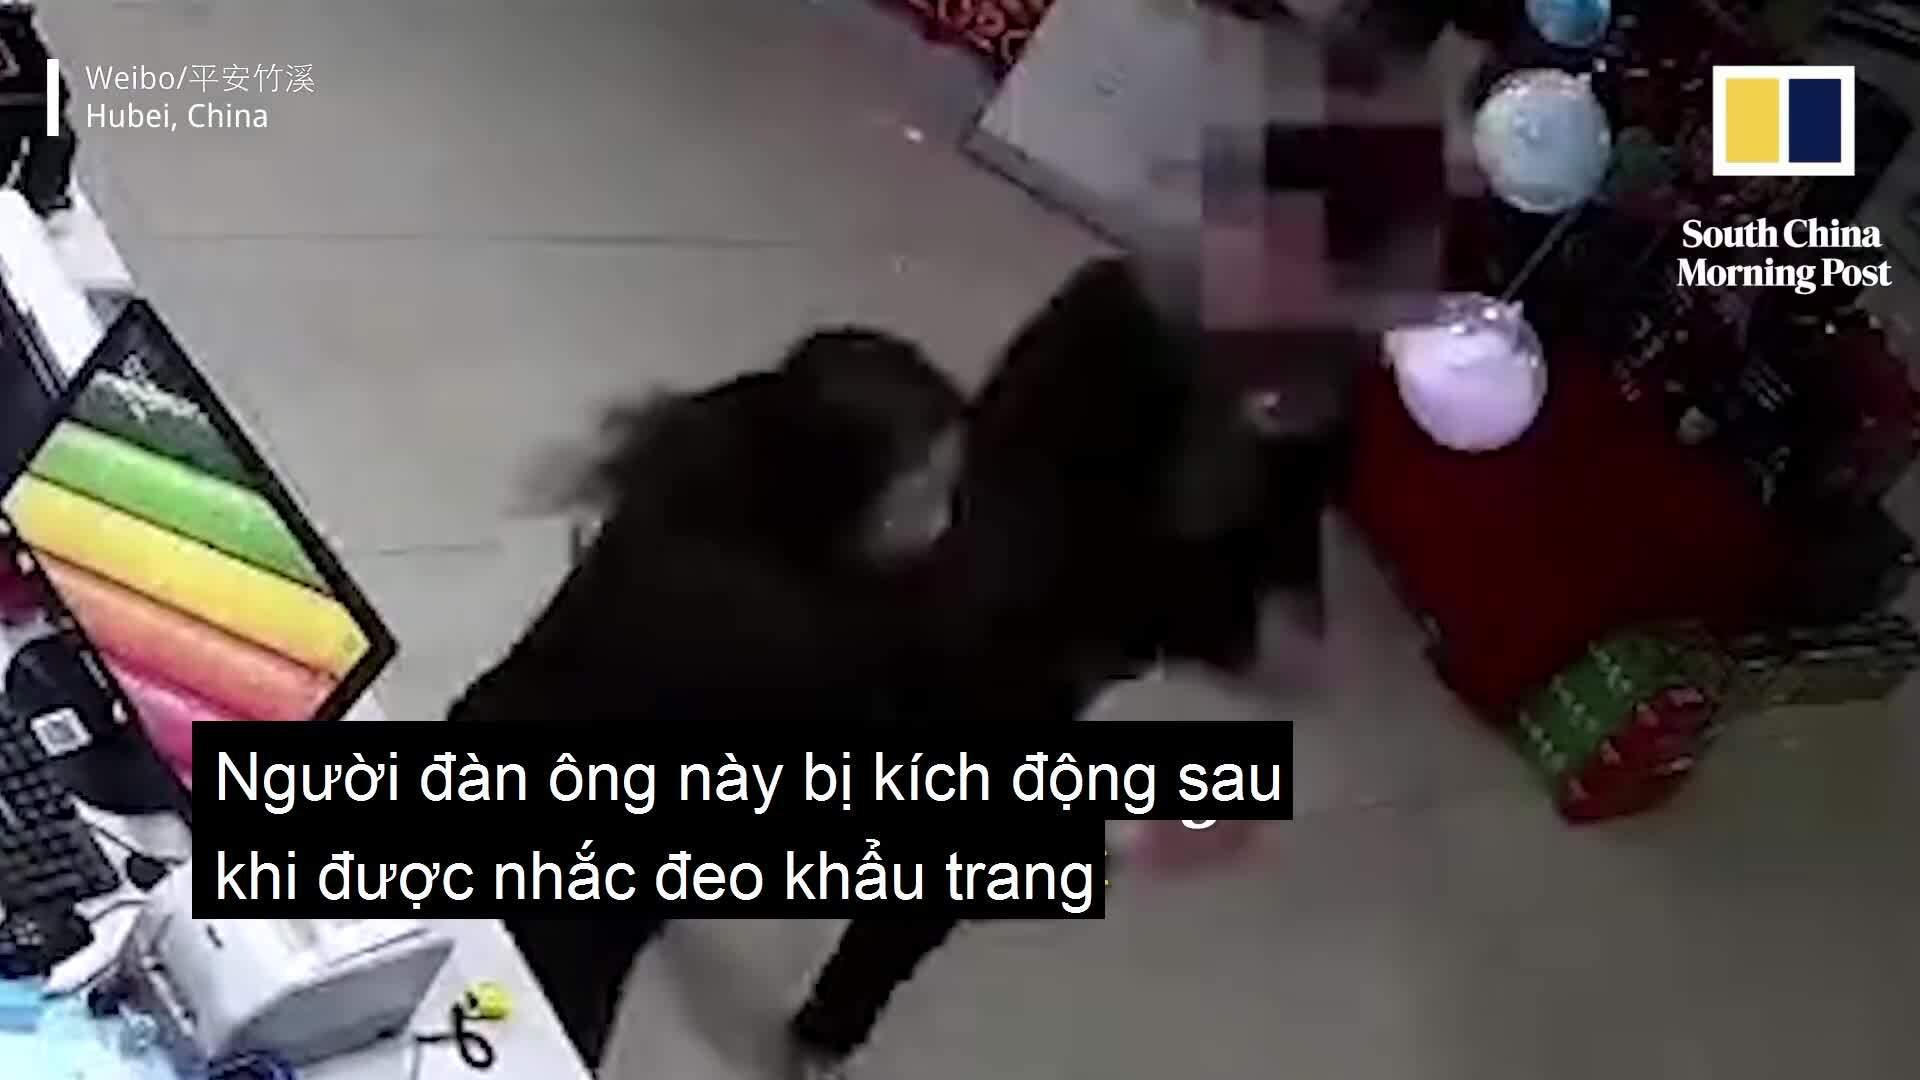 Tát nhân viên trạm xăng vì bị nhắc đeo khẩu trang